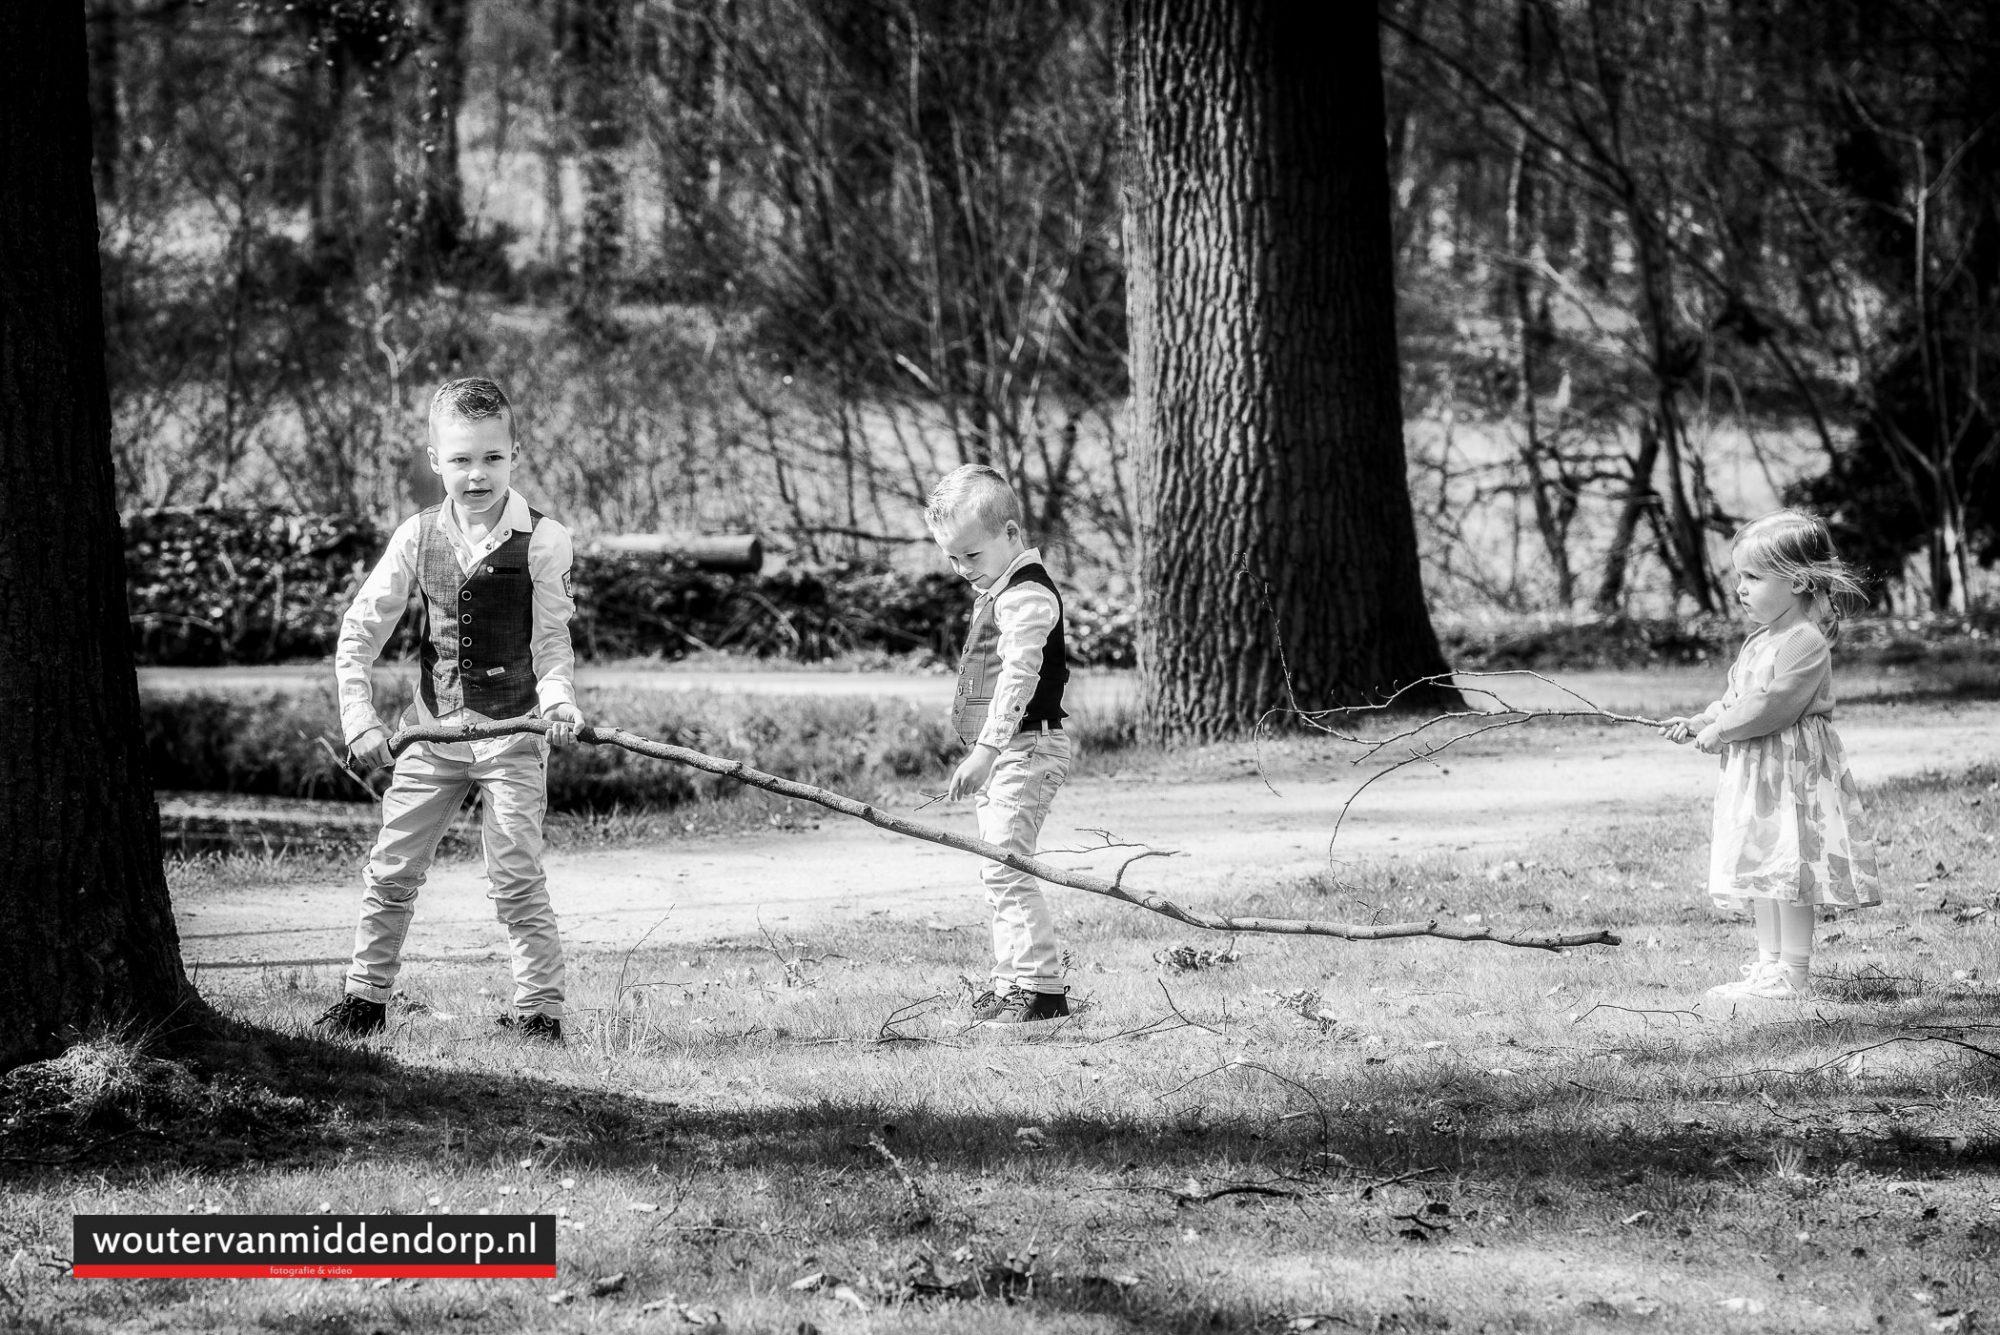 fotografie-wouter-van-middendorp-omgeving-ermelo-15